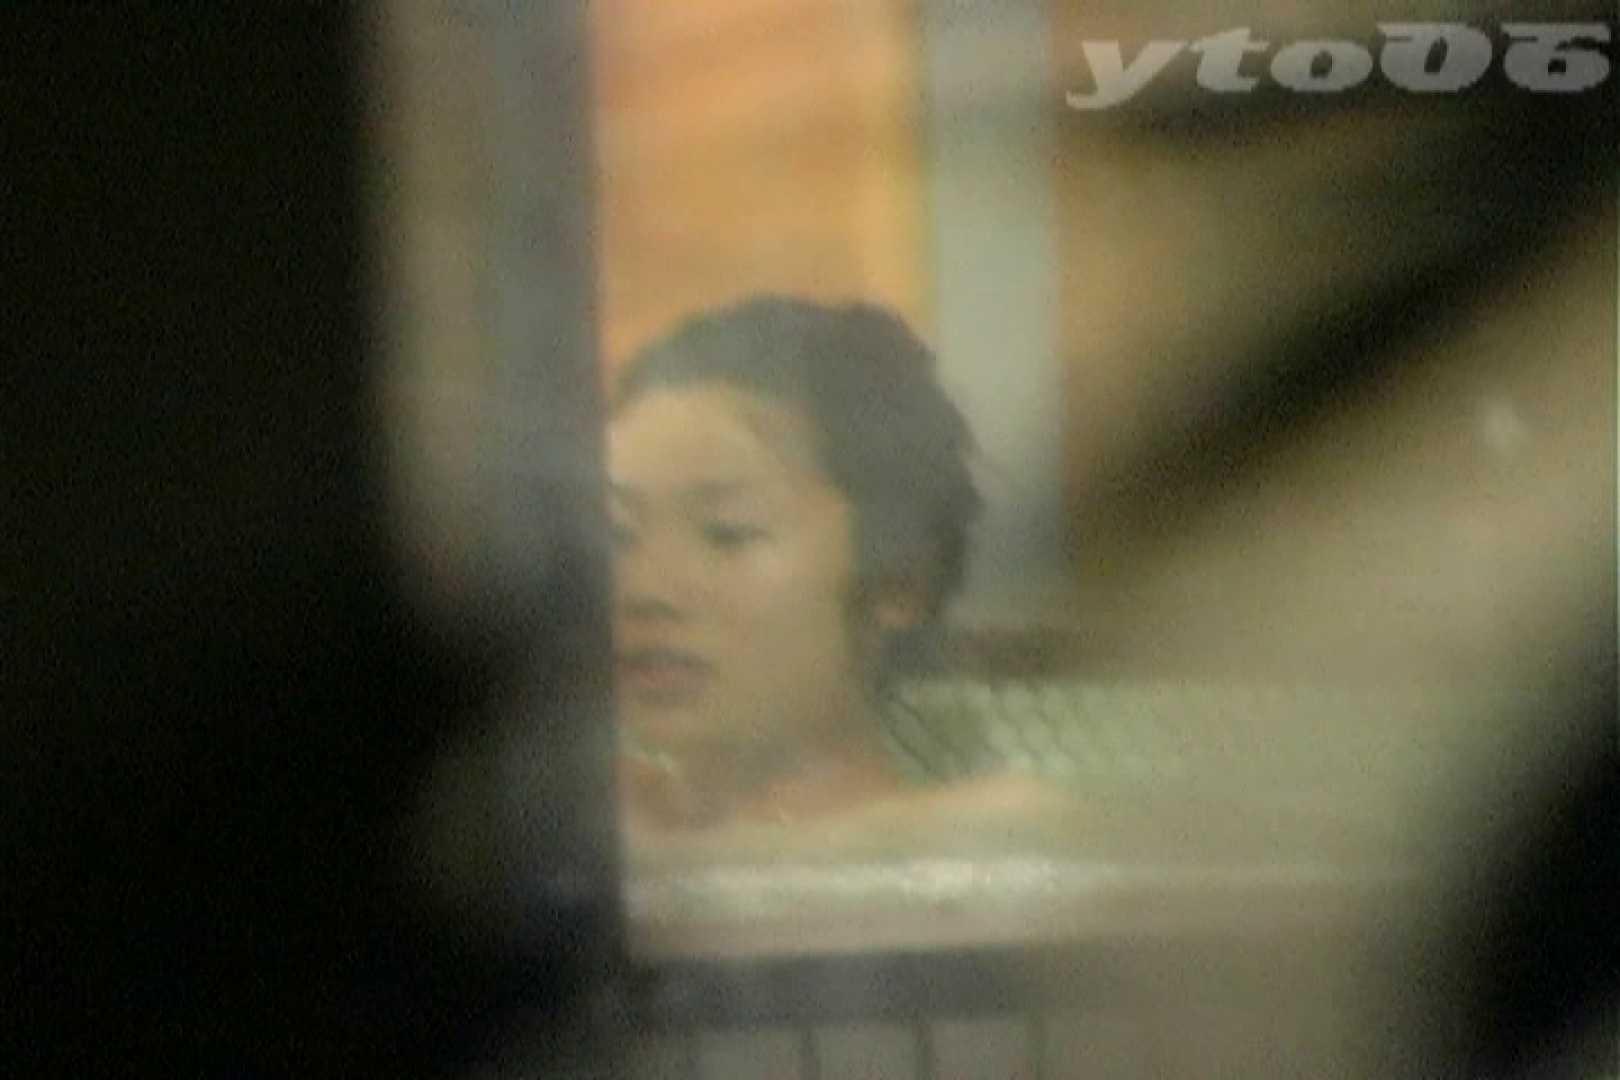 ▲復活限定▲合宿ホテル女風呂盗撮 Vol.36 エロいOL エロ画像 49枚